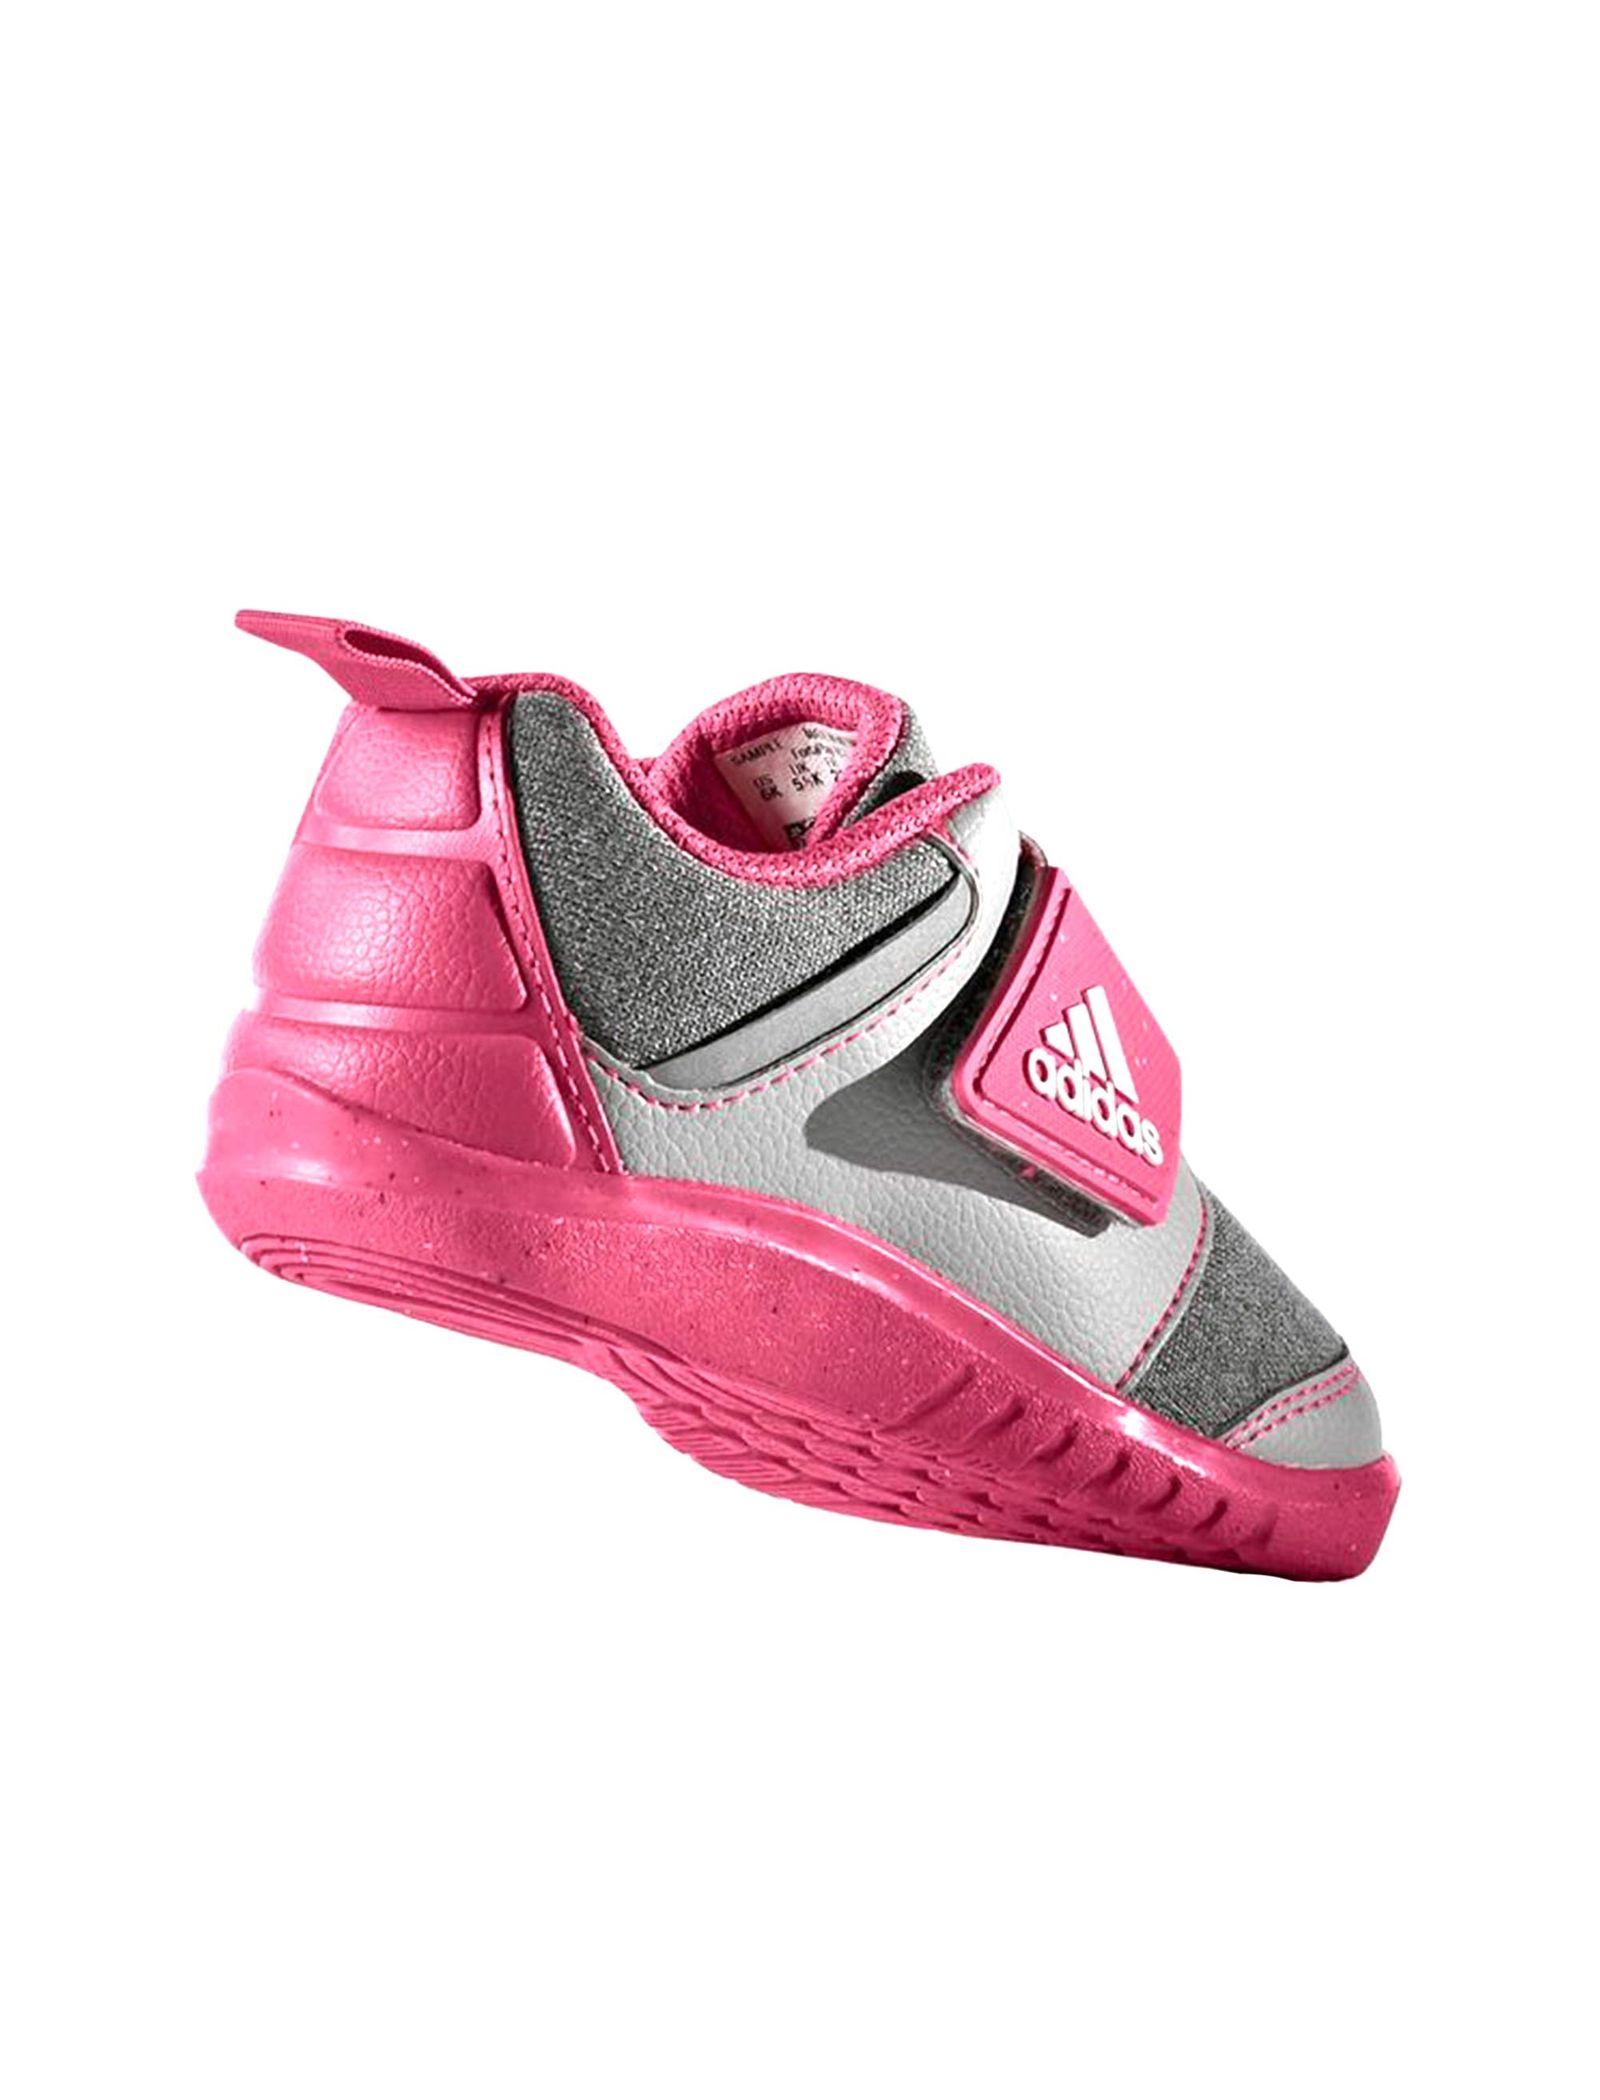 کفش تمرین چسبی دخترانه FortaPlay - آدیداس - صورتي - 5